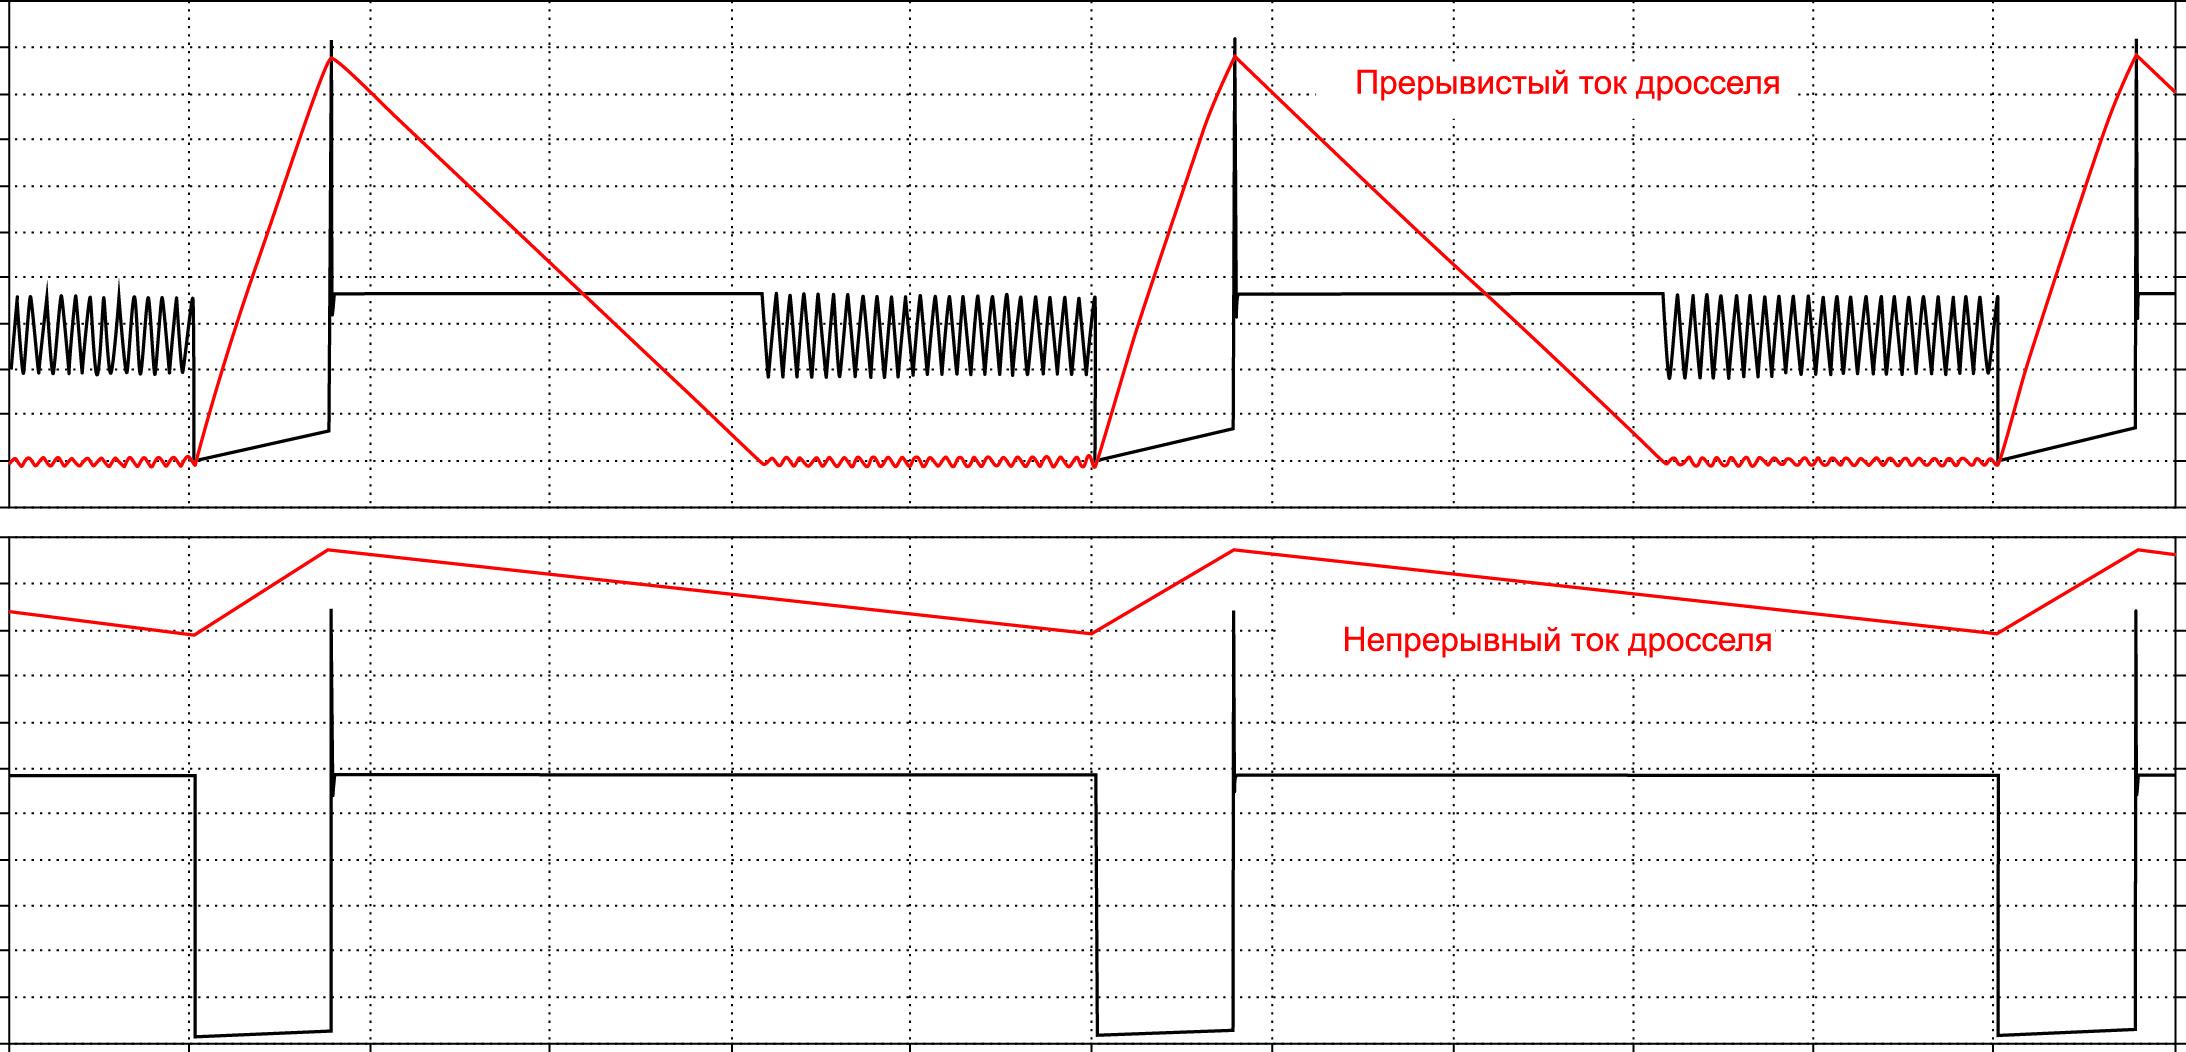 Диаграммы тока в накопительном дросселе относительно напряжения на силовом ключе